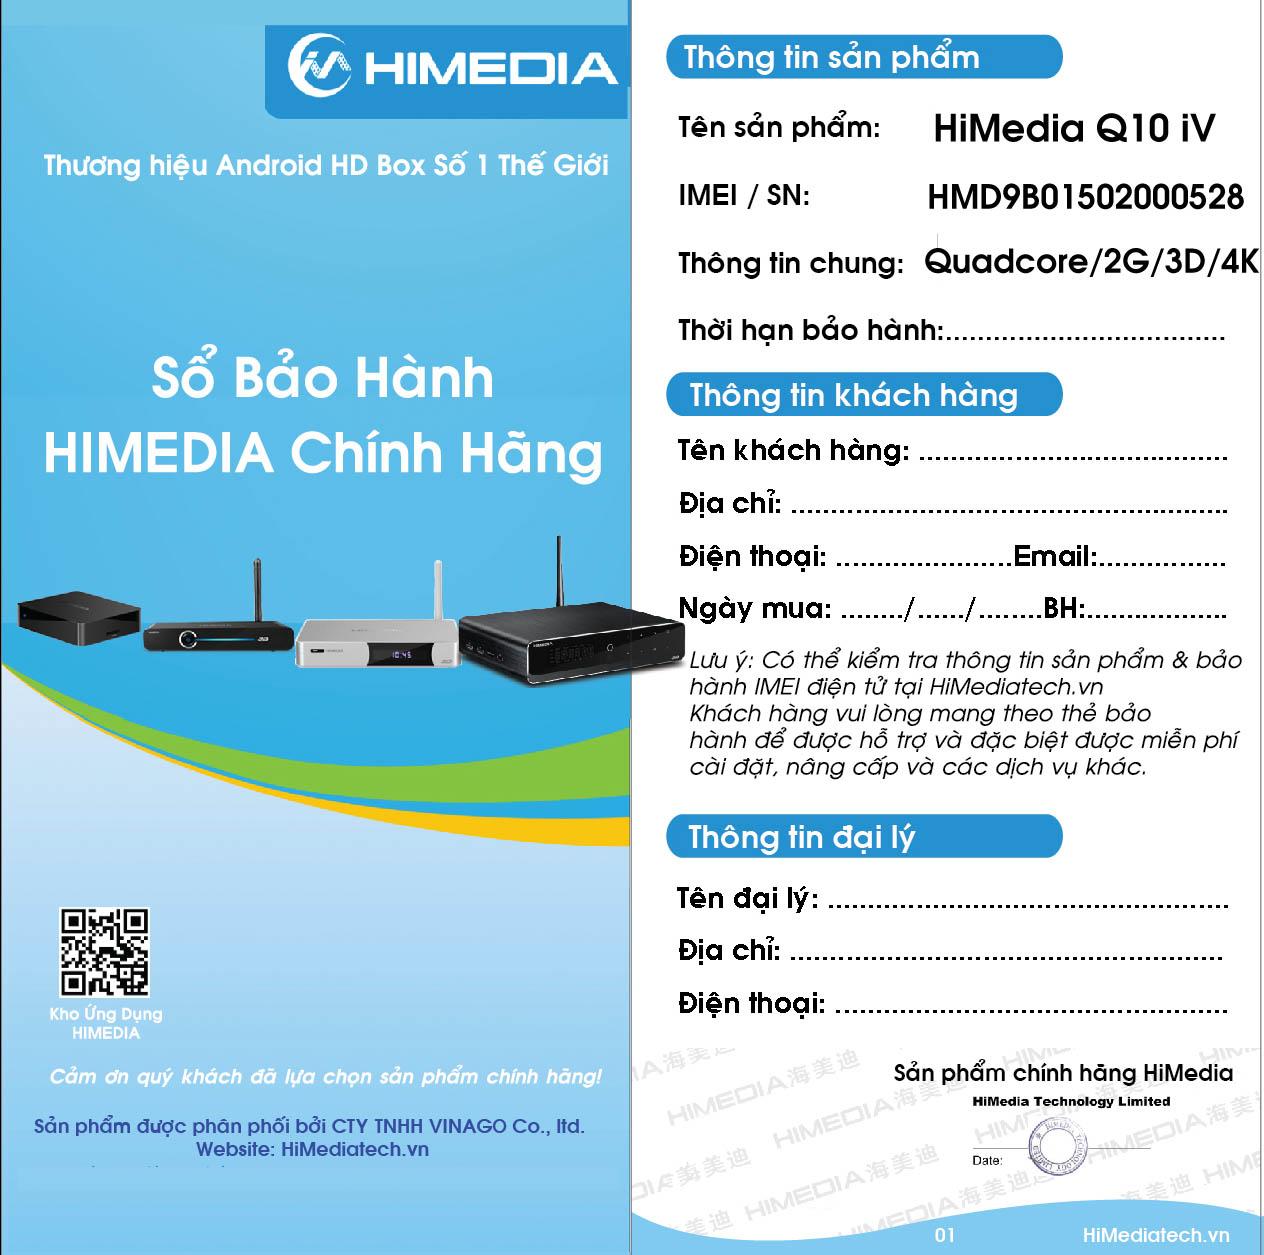 Himedia Q1 IV